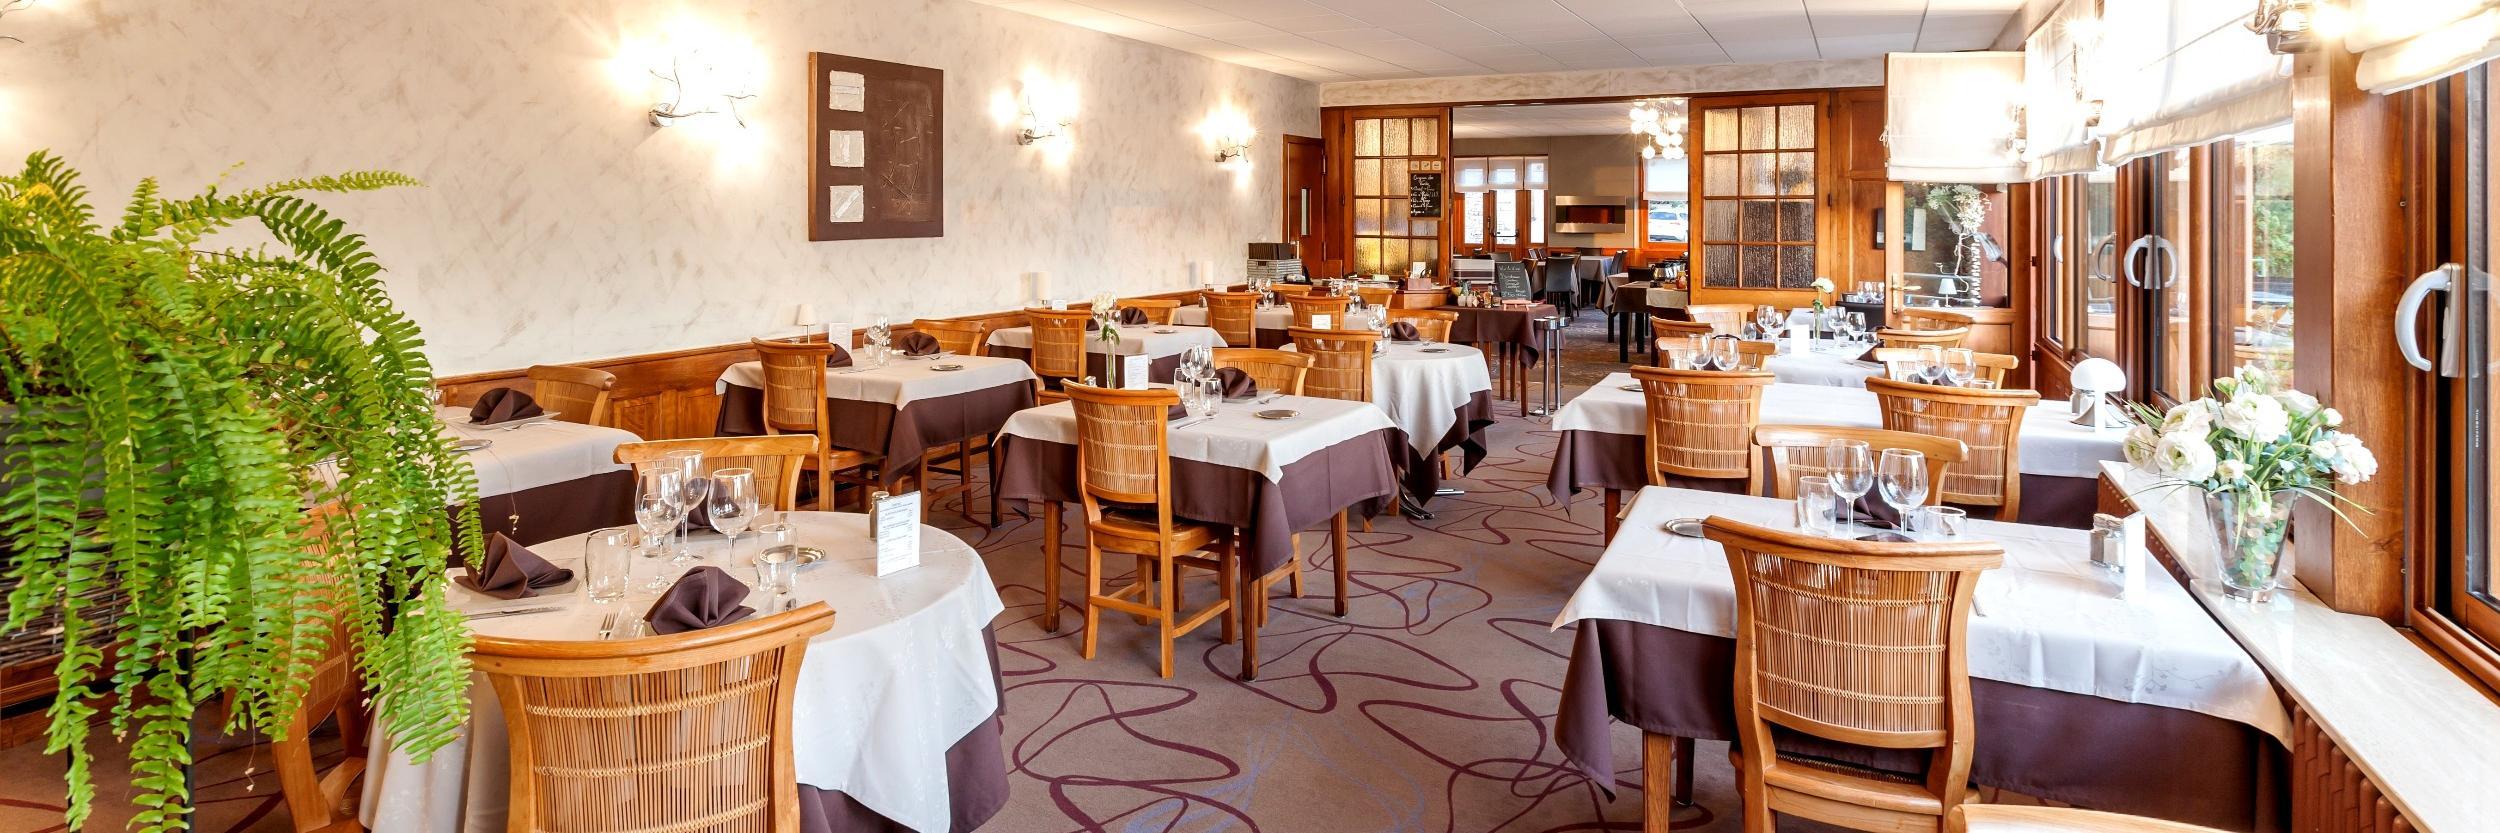 Logis restaurant h tel beau rivage restaurant mansle for Au beau rivage la cuisine